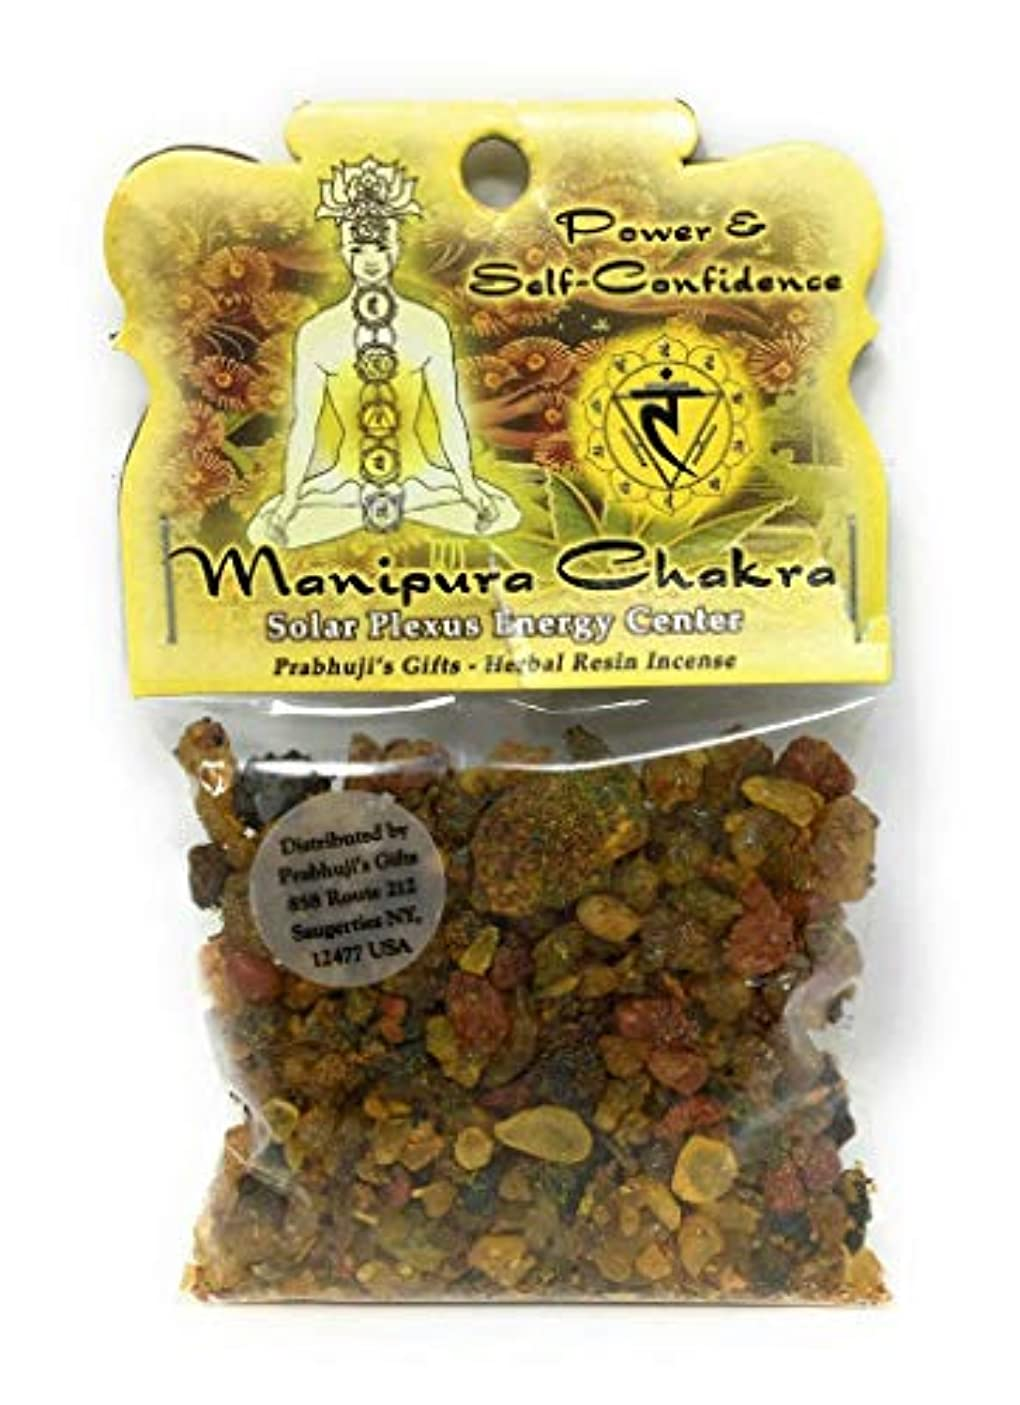 買い物に行く書店有効な樹脂Incense Solar Plexus Chakra Manipura – self-confidenceと変換 – 1.2ozバッグ